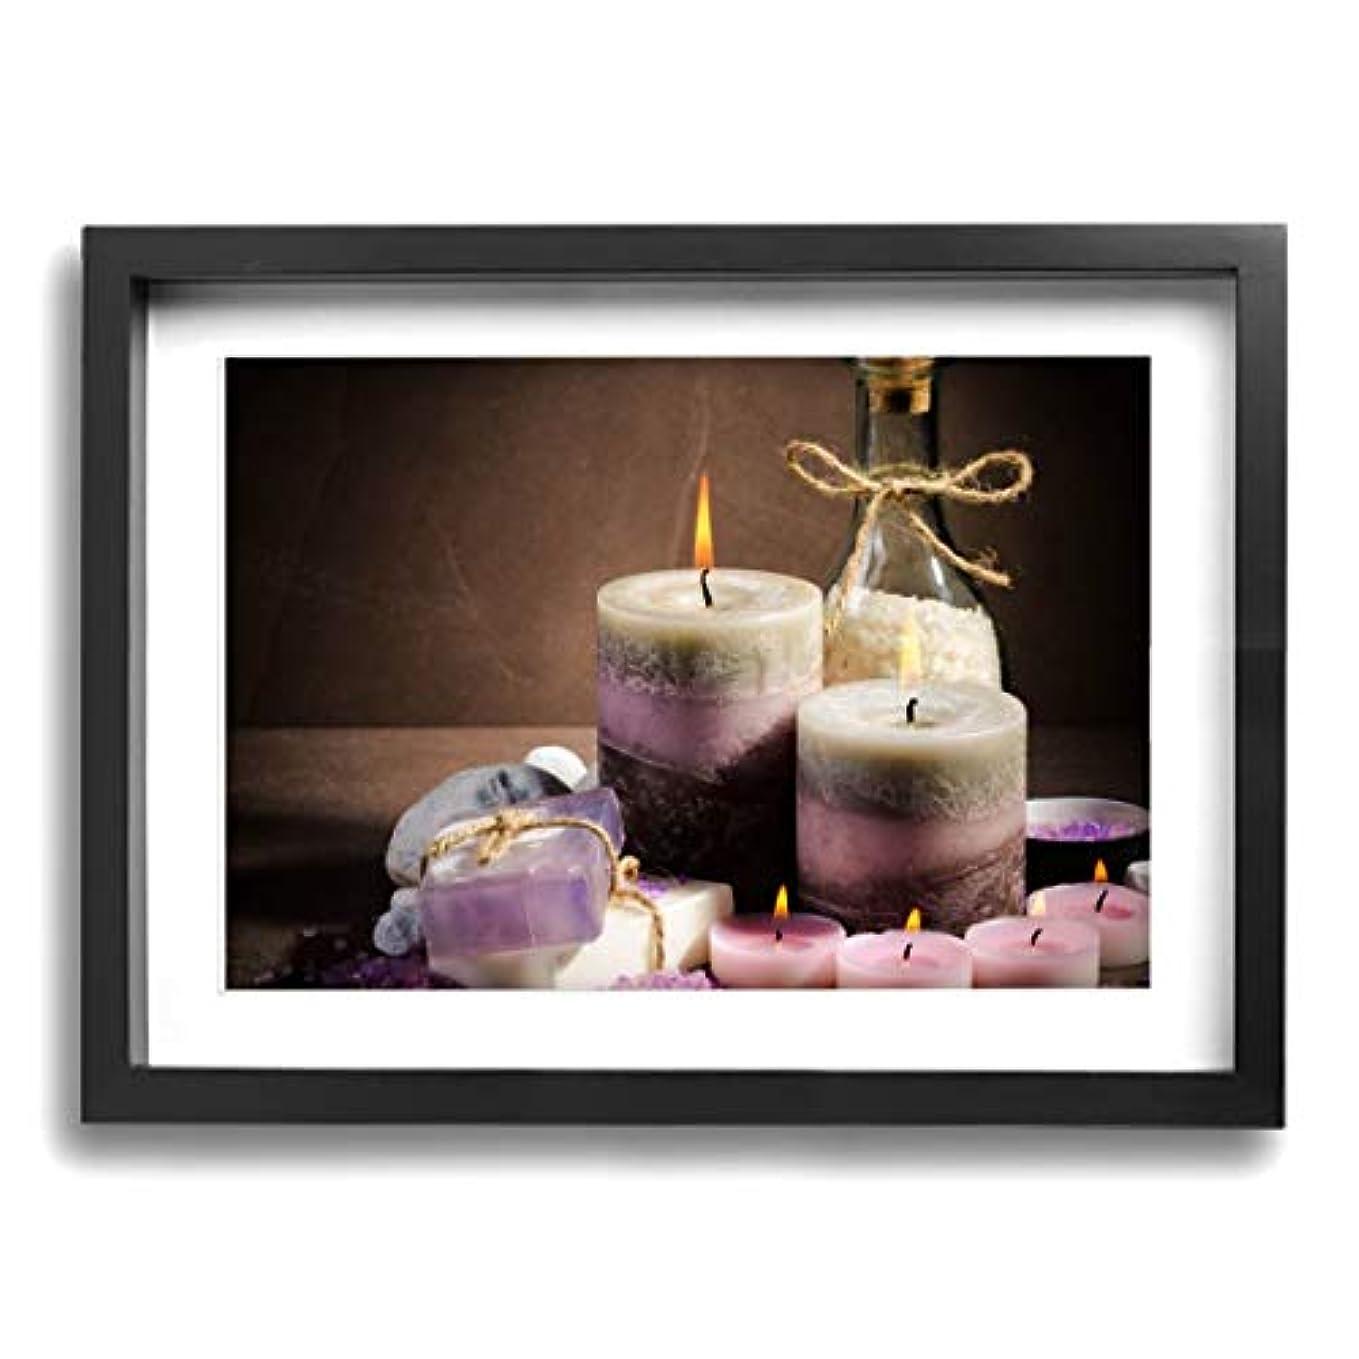 暴露する誘う用量魅力的な芸術 30x40cm Spa Purple Color Candle Oil キャンバスの壁アート 画像プリント絵画リビングルームの壁の装飾と家の装飾のための現代アートワークハングする準備ができて